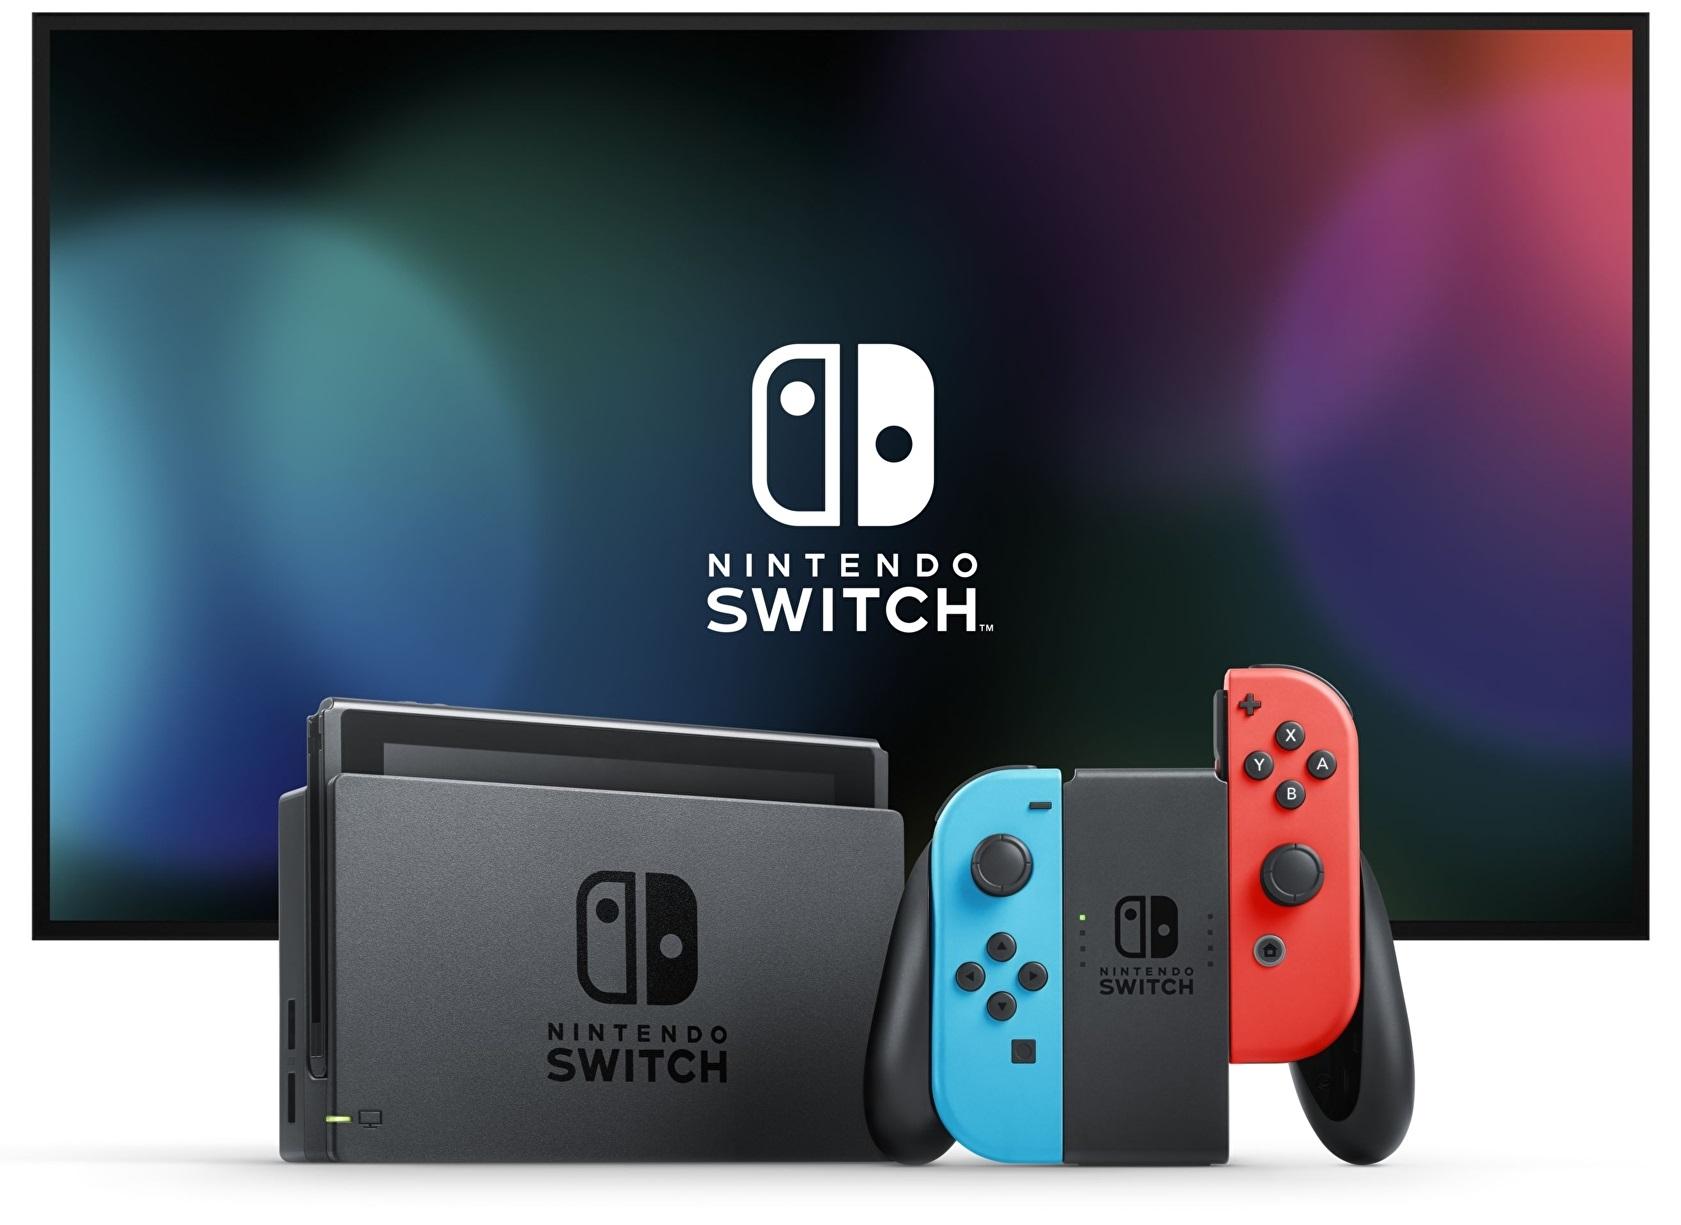 La Nintendo Switch supera las 32,27 millones de unidades vendidas